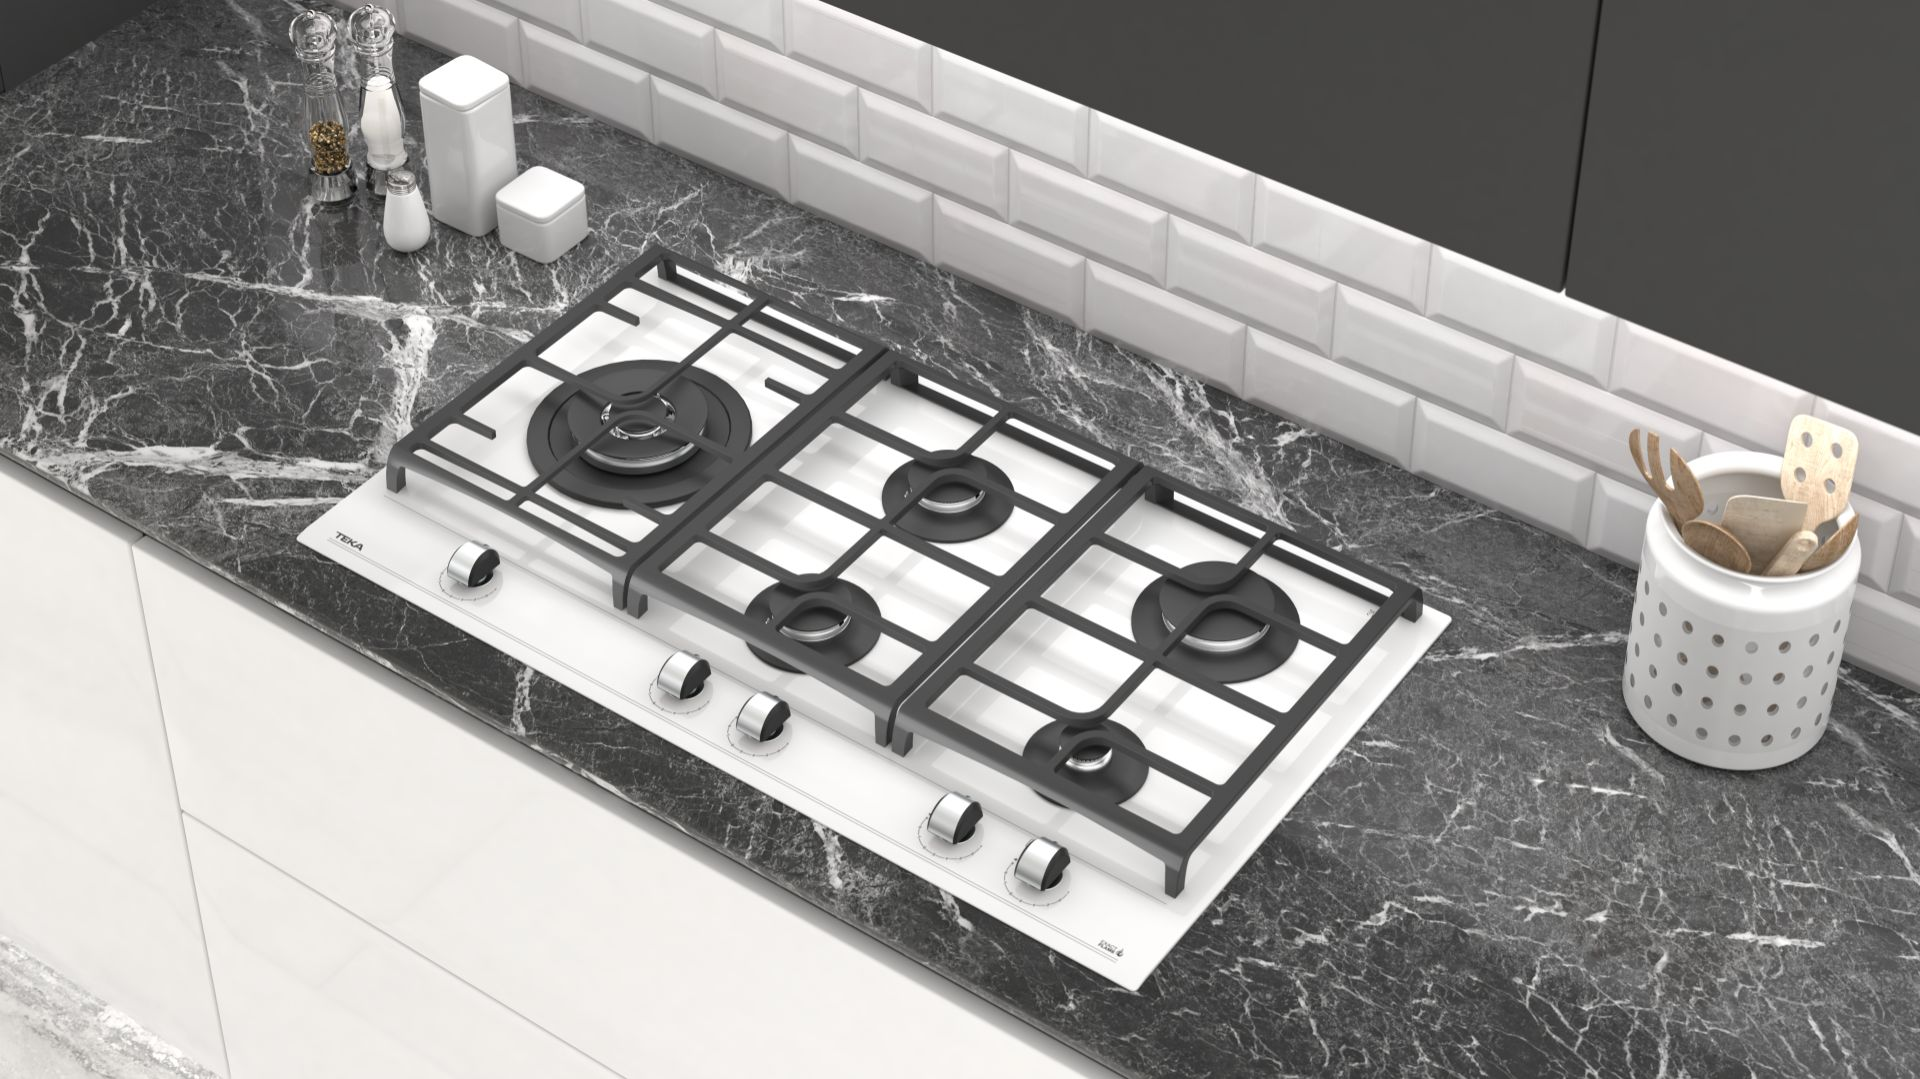 ExactFlame - seria płyt gazowych/Teka. Produkt zgłoszony do konkursu Dobry Design 2020.